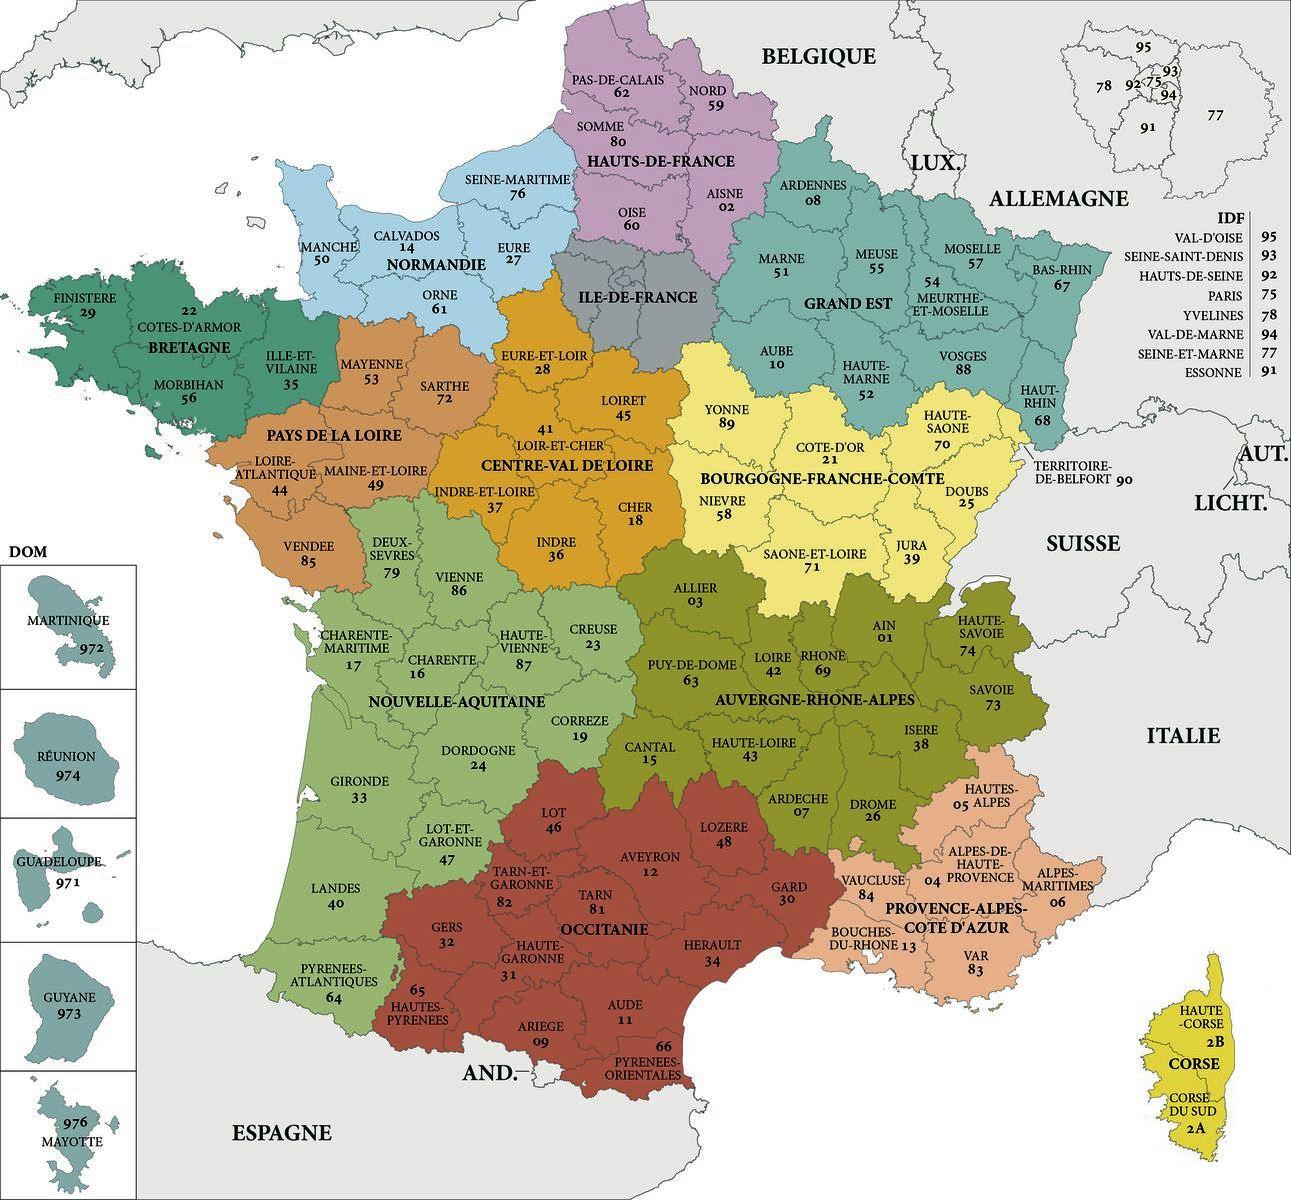 Carte De France Departements : Carte Des Départements De France intérieur Départements Et Régions De France